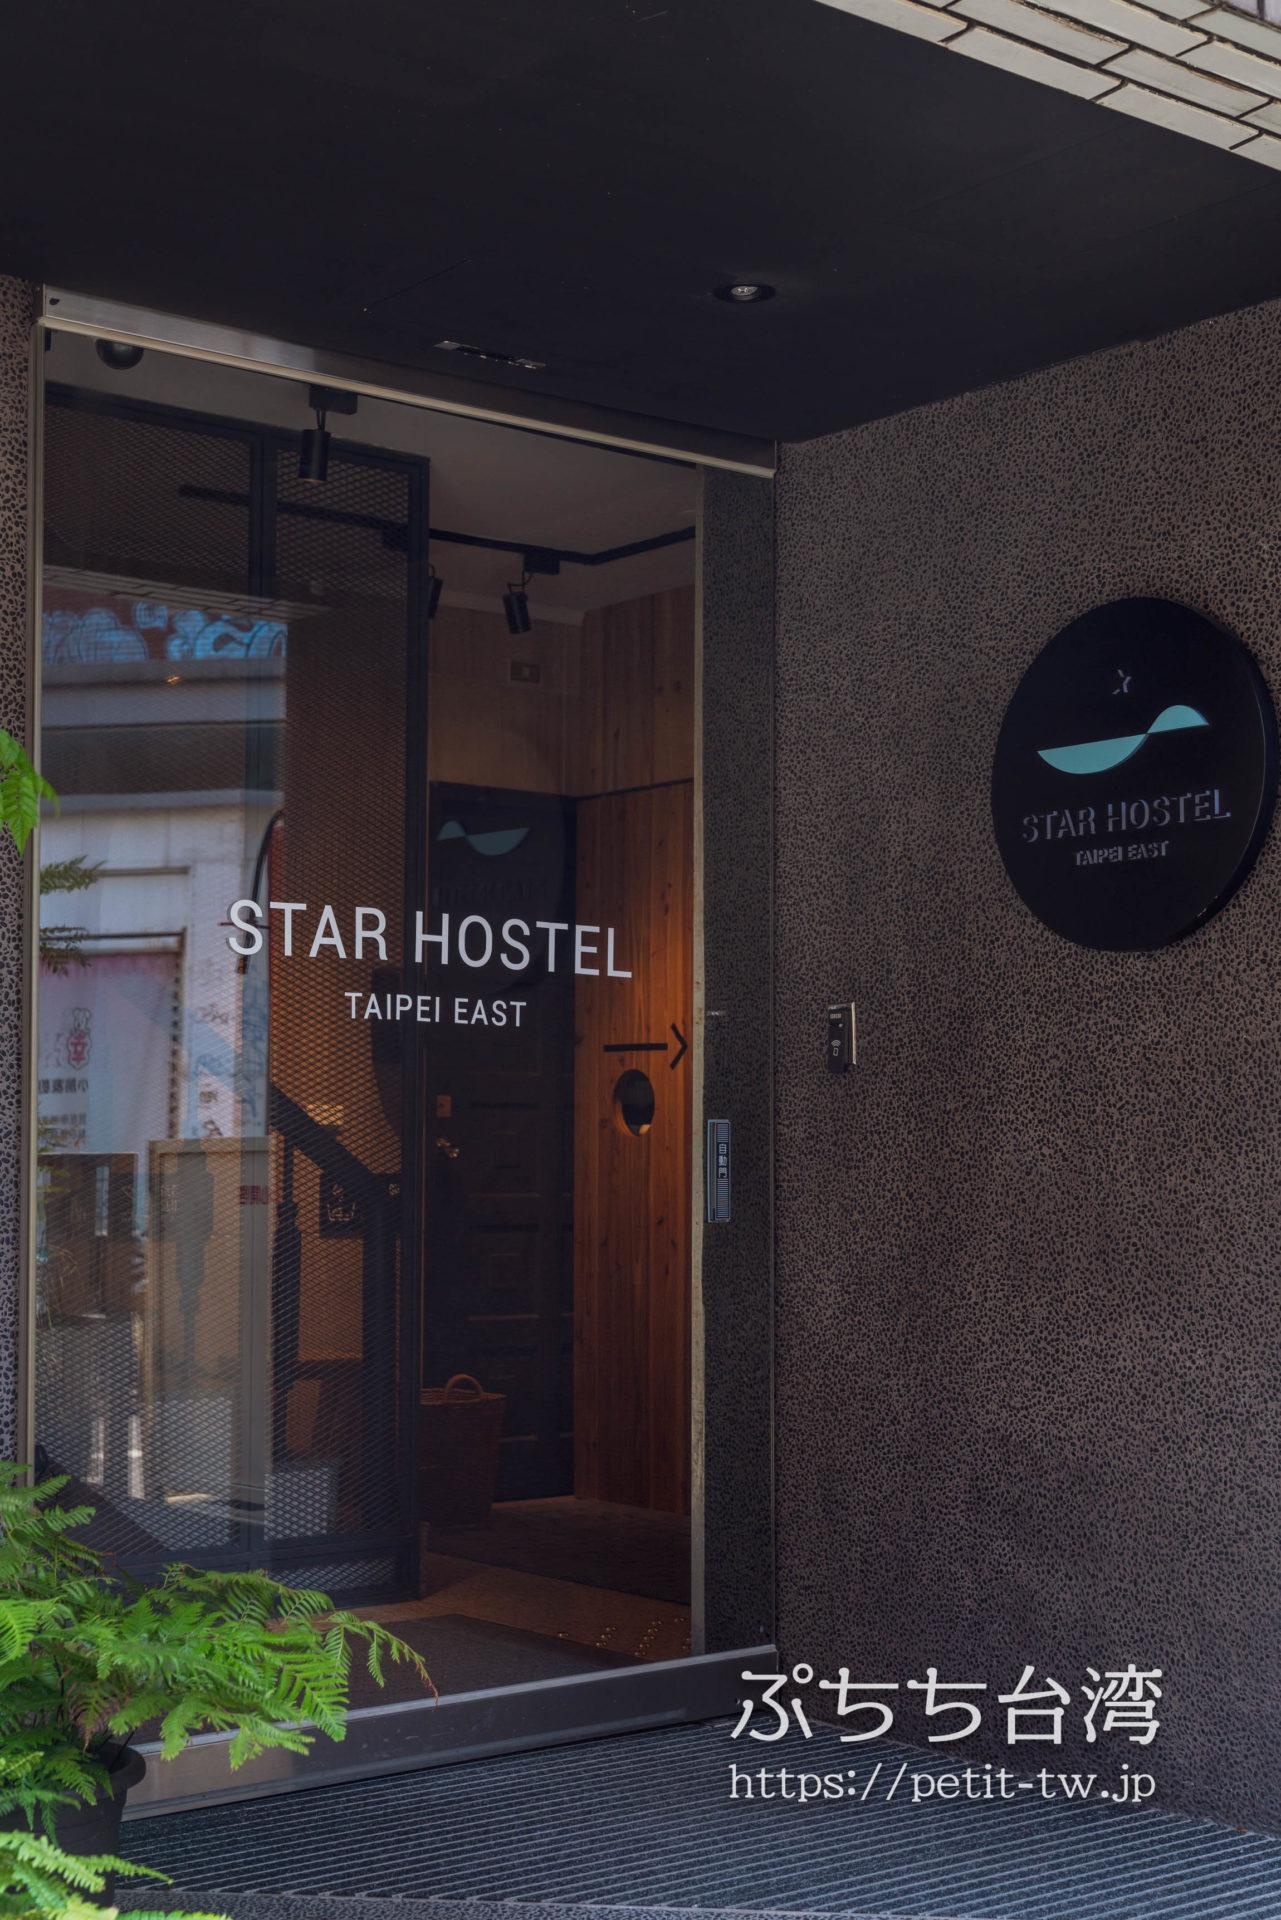 スターホステル台北イースト Star Hostel Taipei Eastの外観の入口